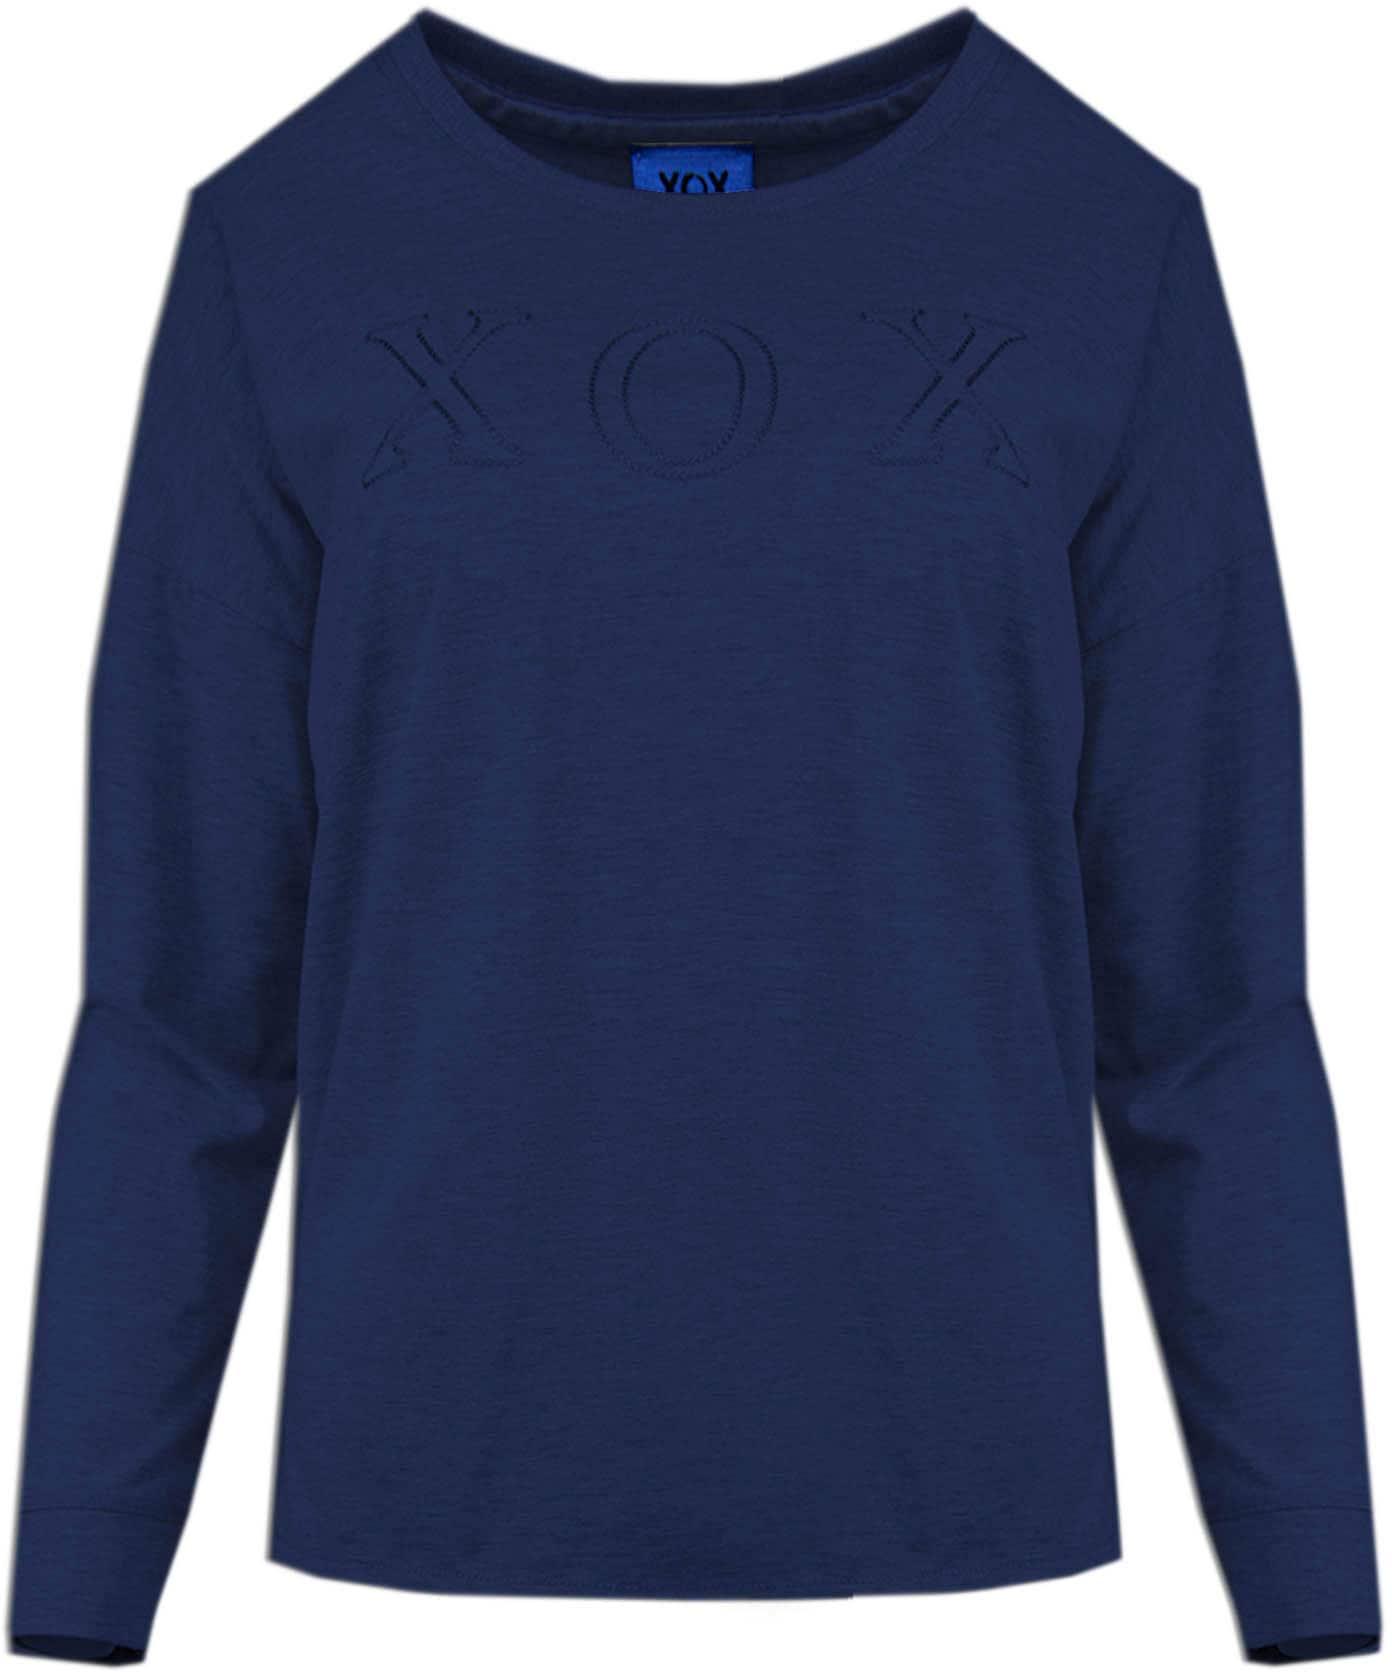 xox -  Rundhalsshirt, meliertes Shirt mit großer Logo-Stickerei